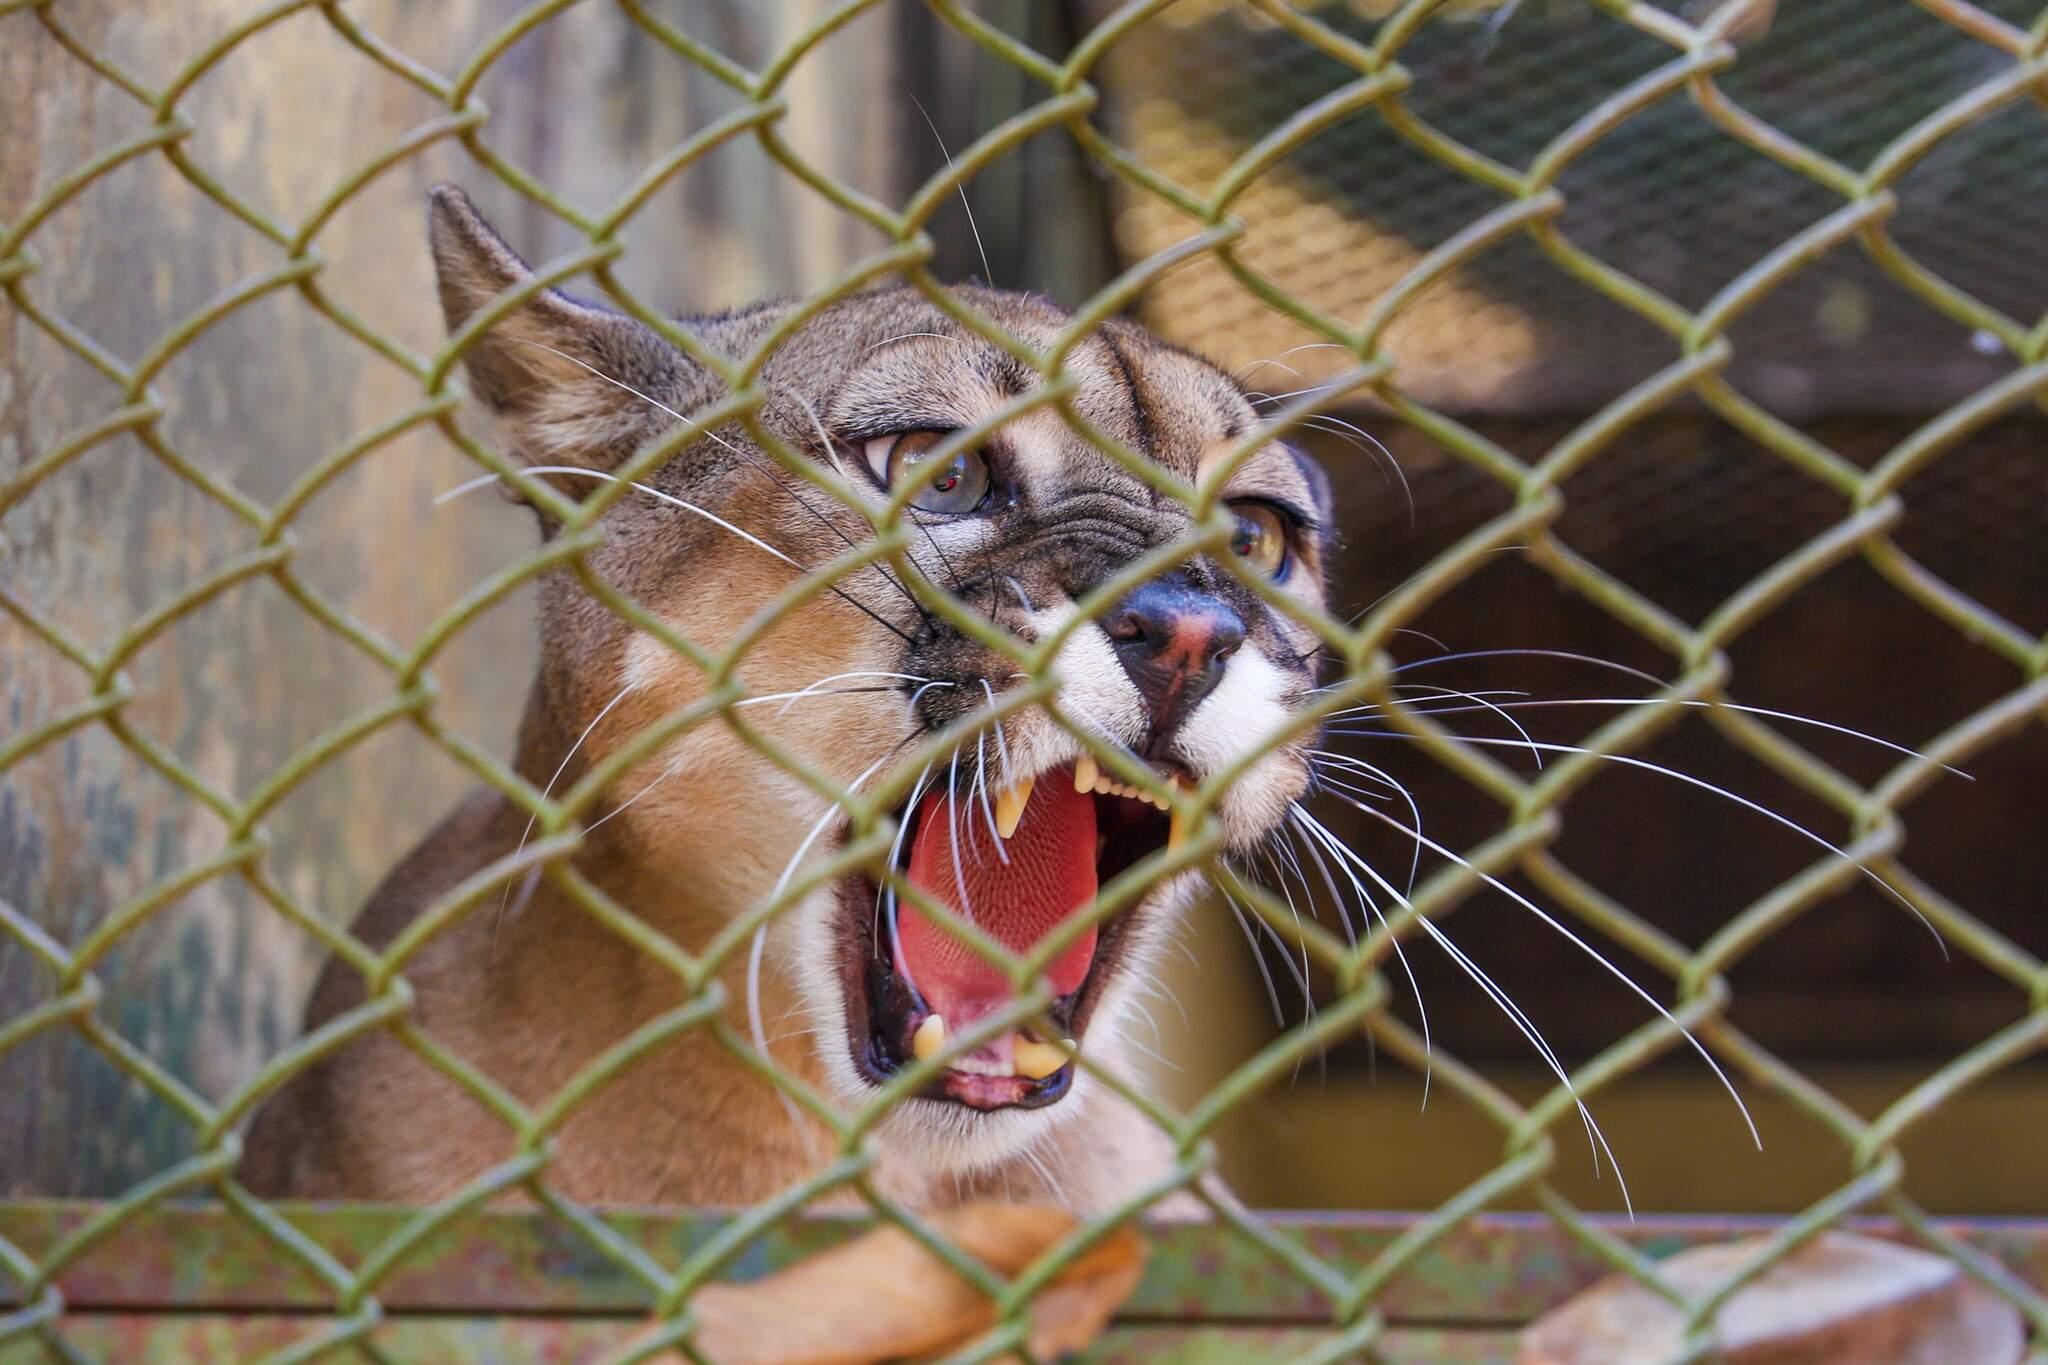 No Centro de Reabilitação de Animais Silvestres, em Campo Grande, vivem 7 onças pardas (Foto: Paulo Francis)